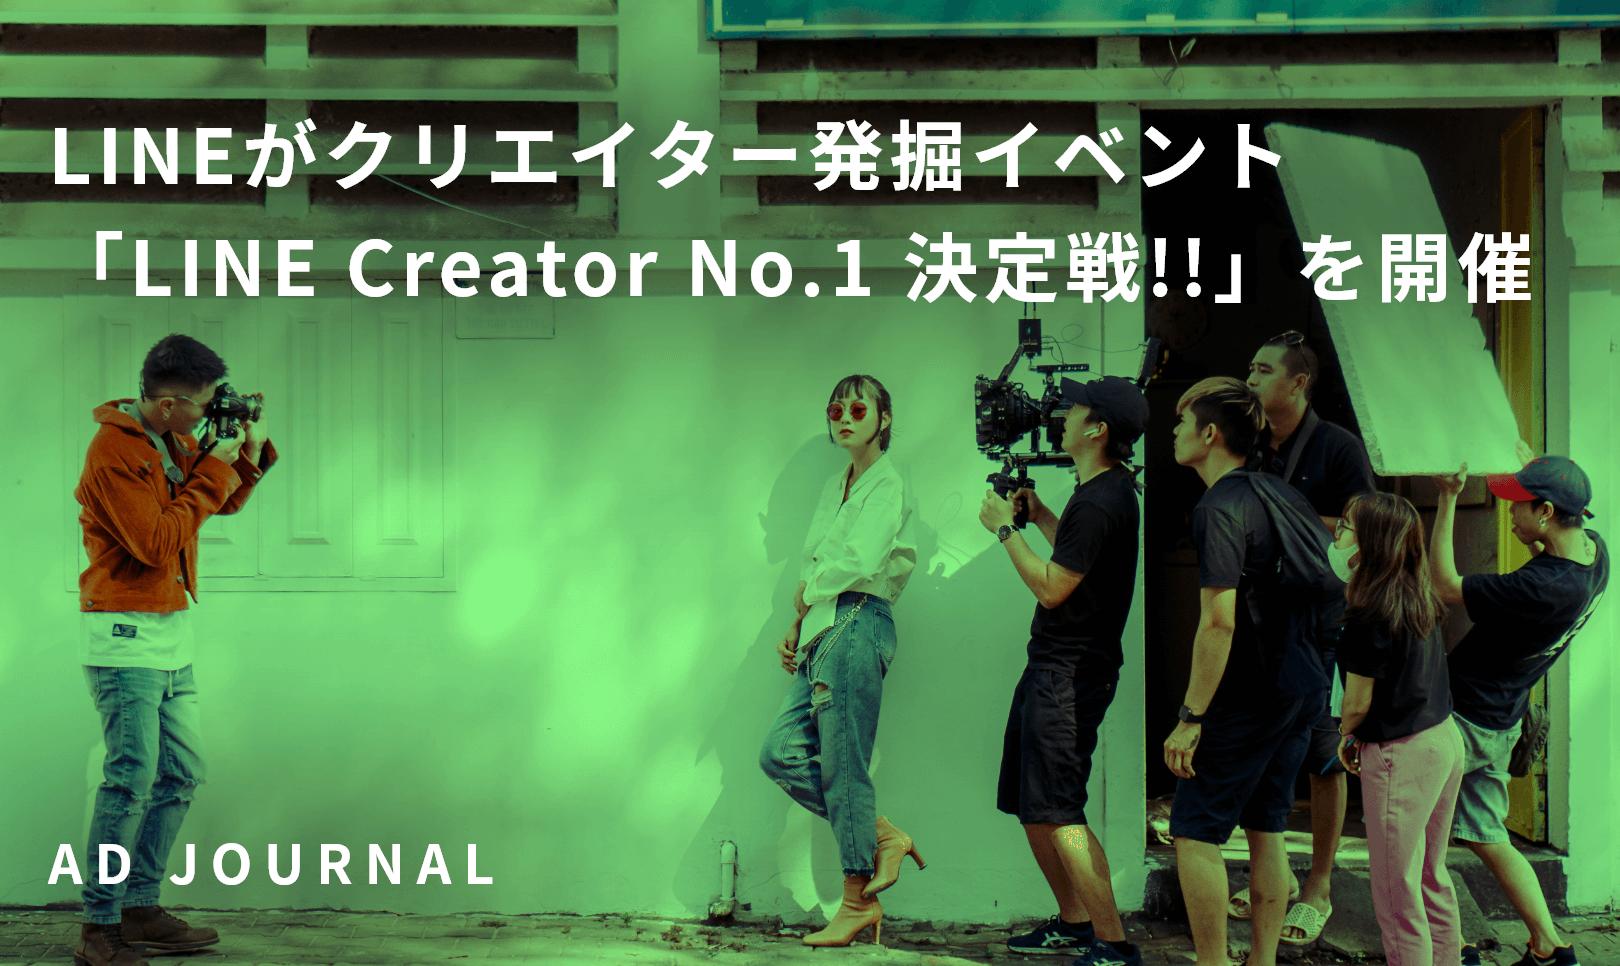 LINEがクリエイター発掘イベント「LINE Creator No.1 決定戦!!」を開催